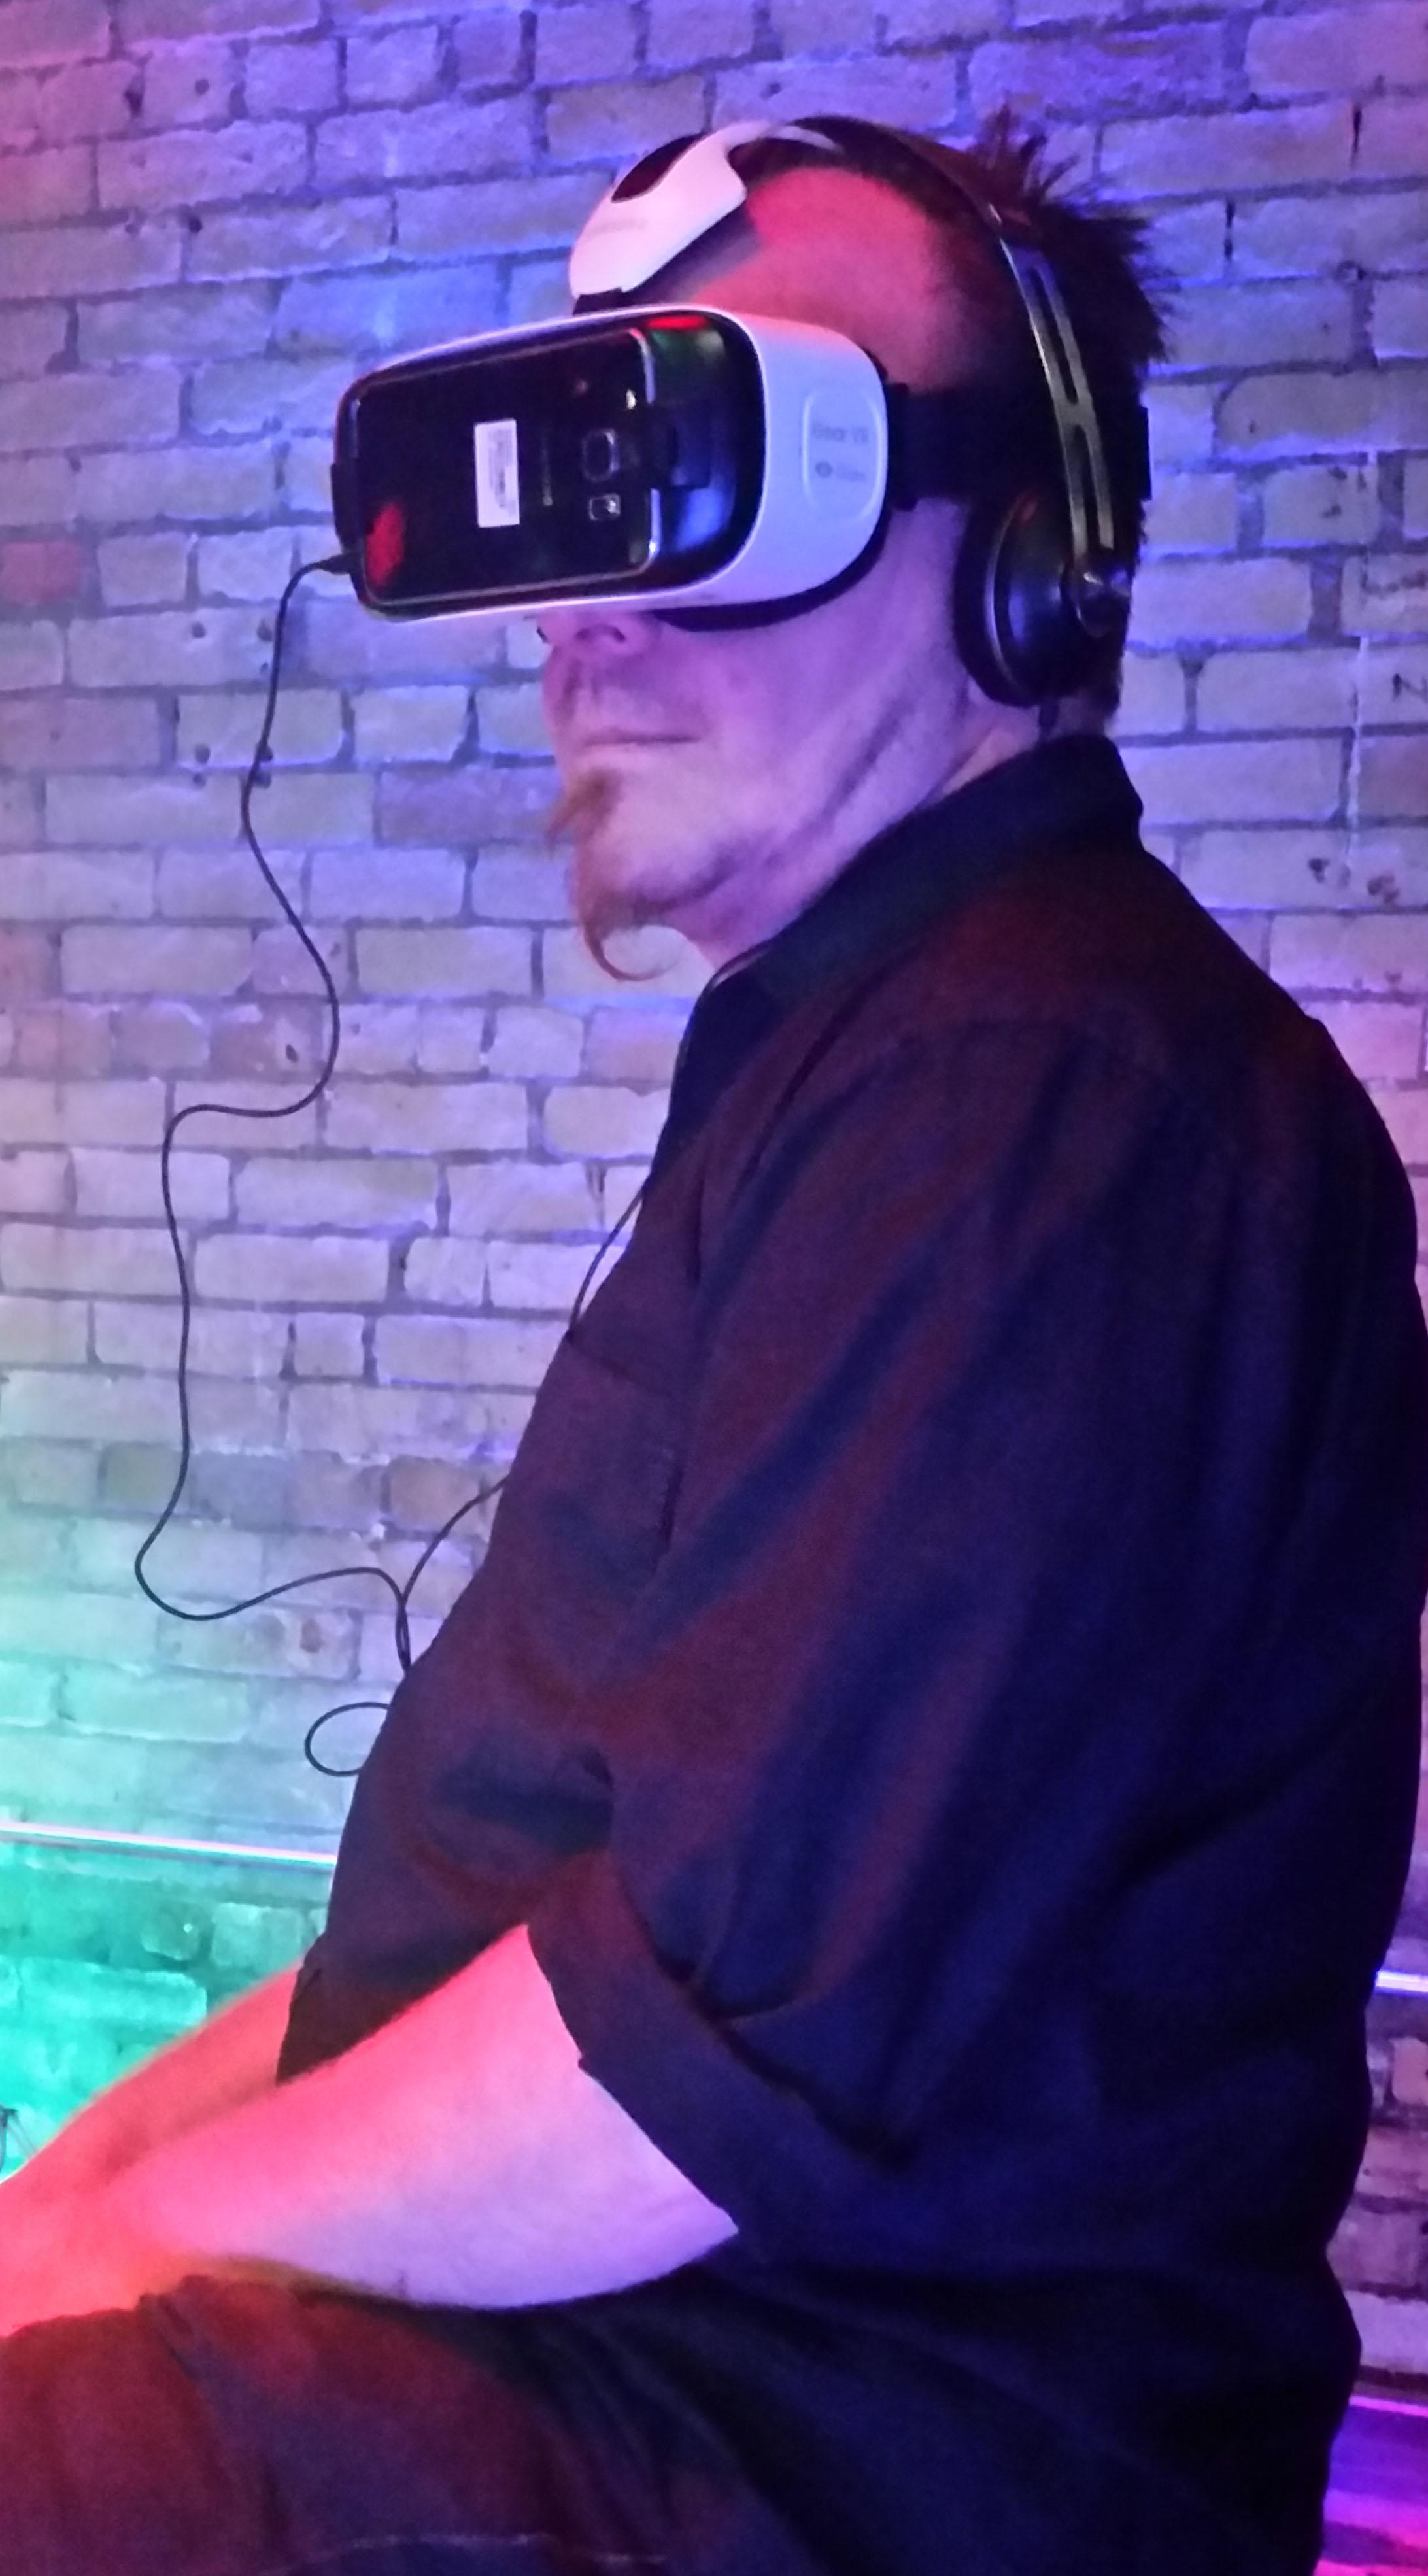 Notre chroniqueur Zefred fait l'expérience d'un casque de réalité virtuelle.